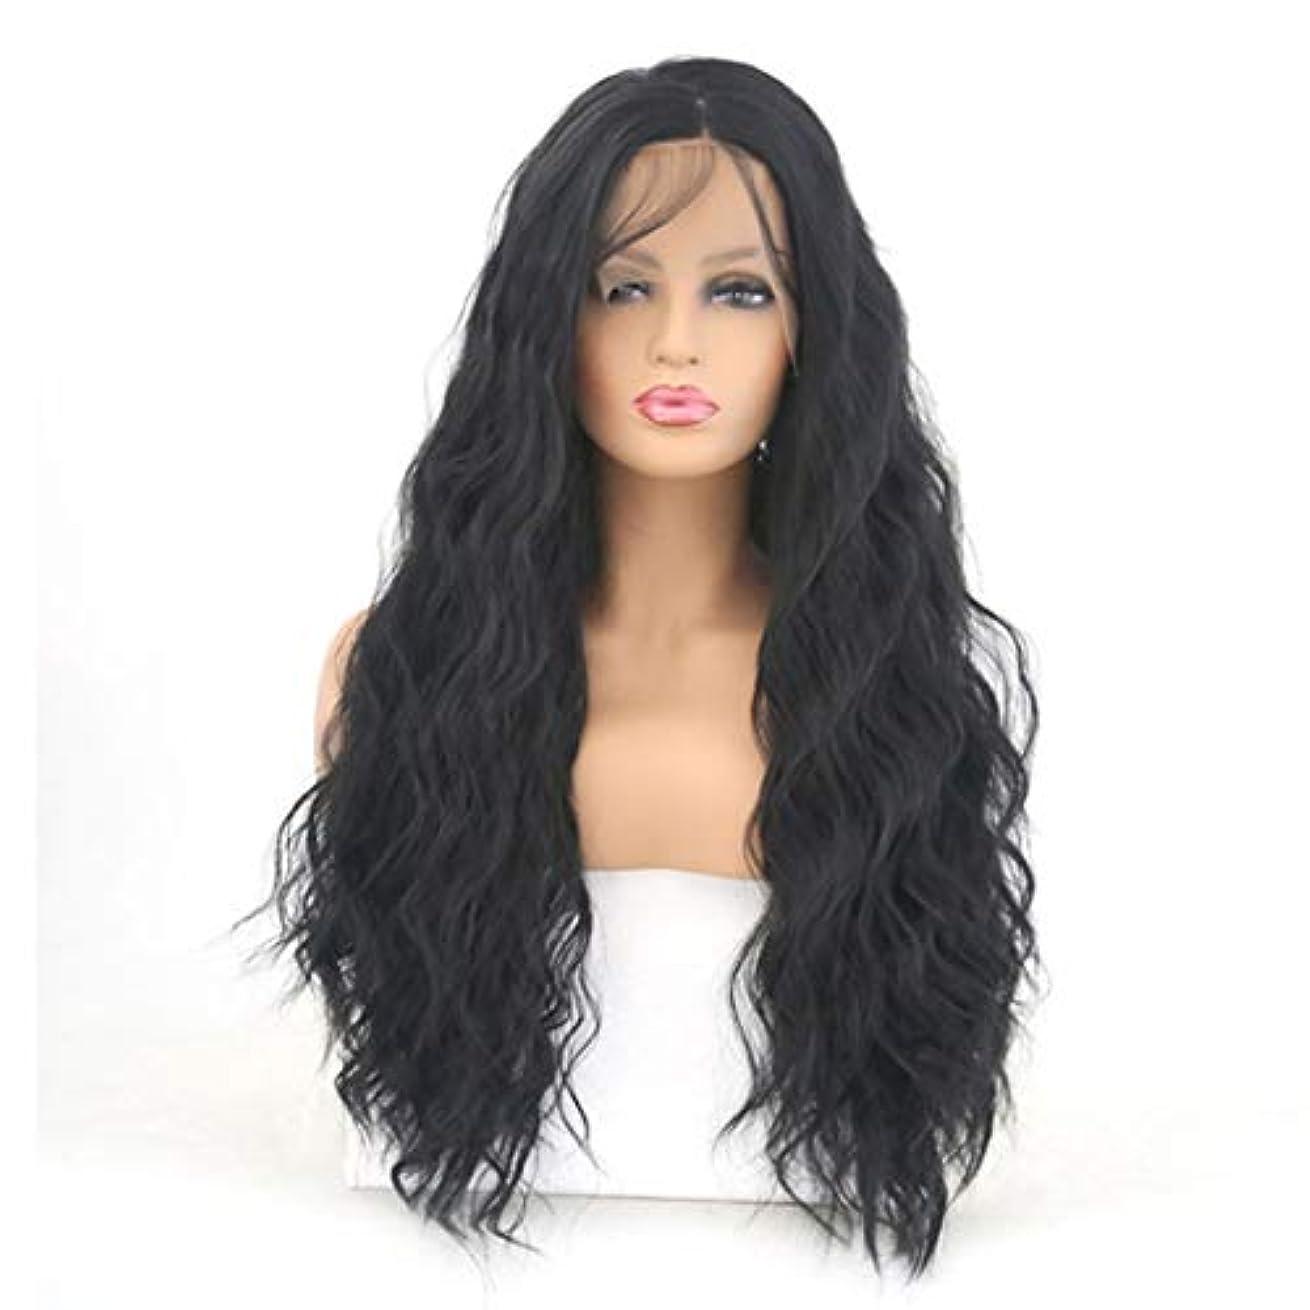 幾分スライム家事をするKerwinner 女性のための黒く長い巻き毛の前部レースの大きい波の化学繊維の毛